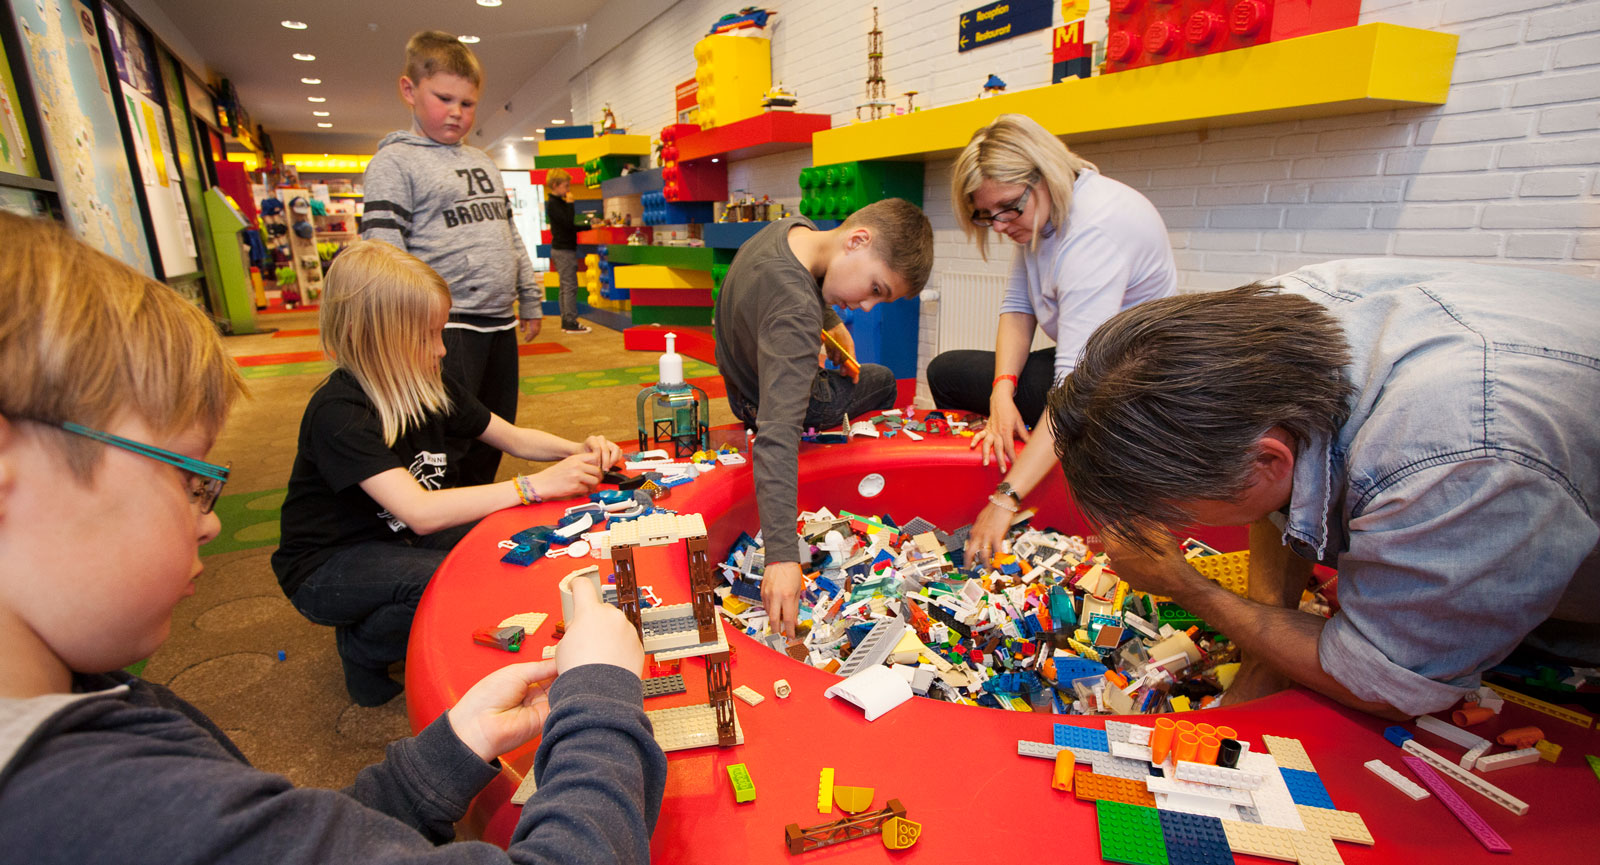 Paus på hotellet för lite eget legobyggande, vilket i sig var lite av en bristvara på Legoland!